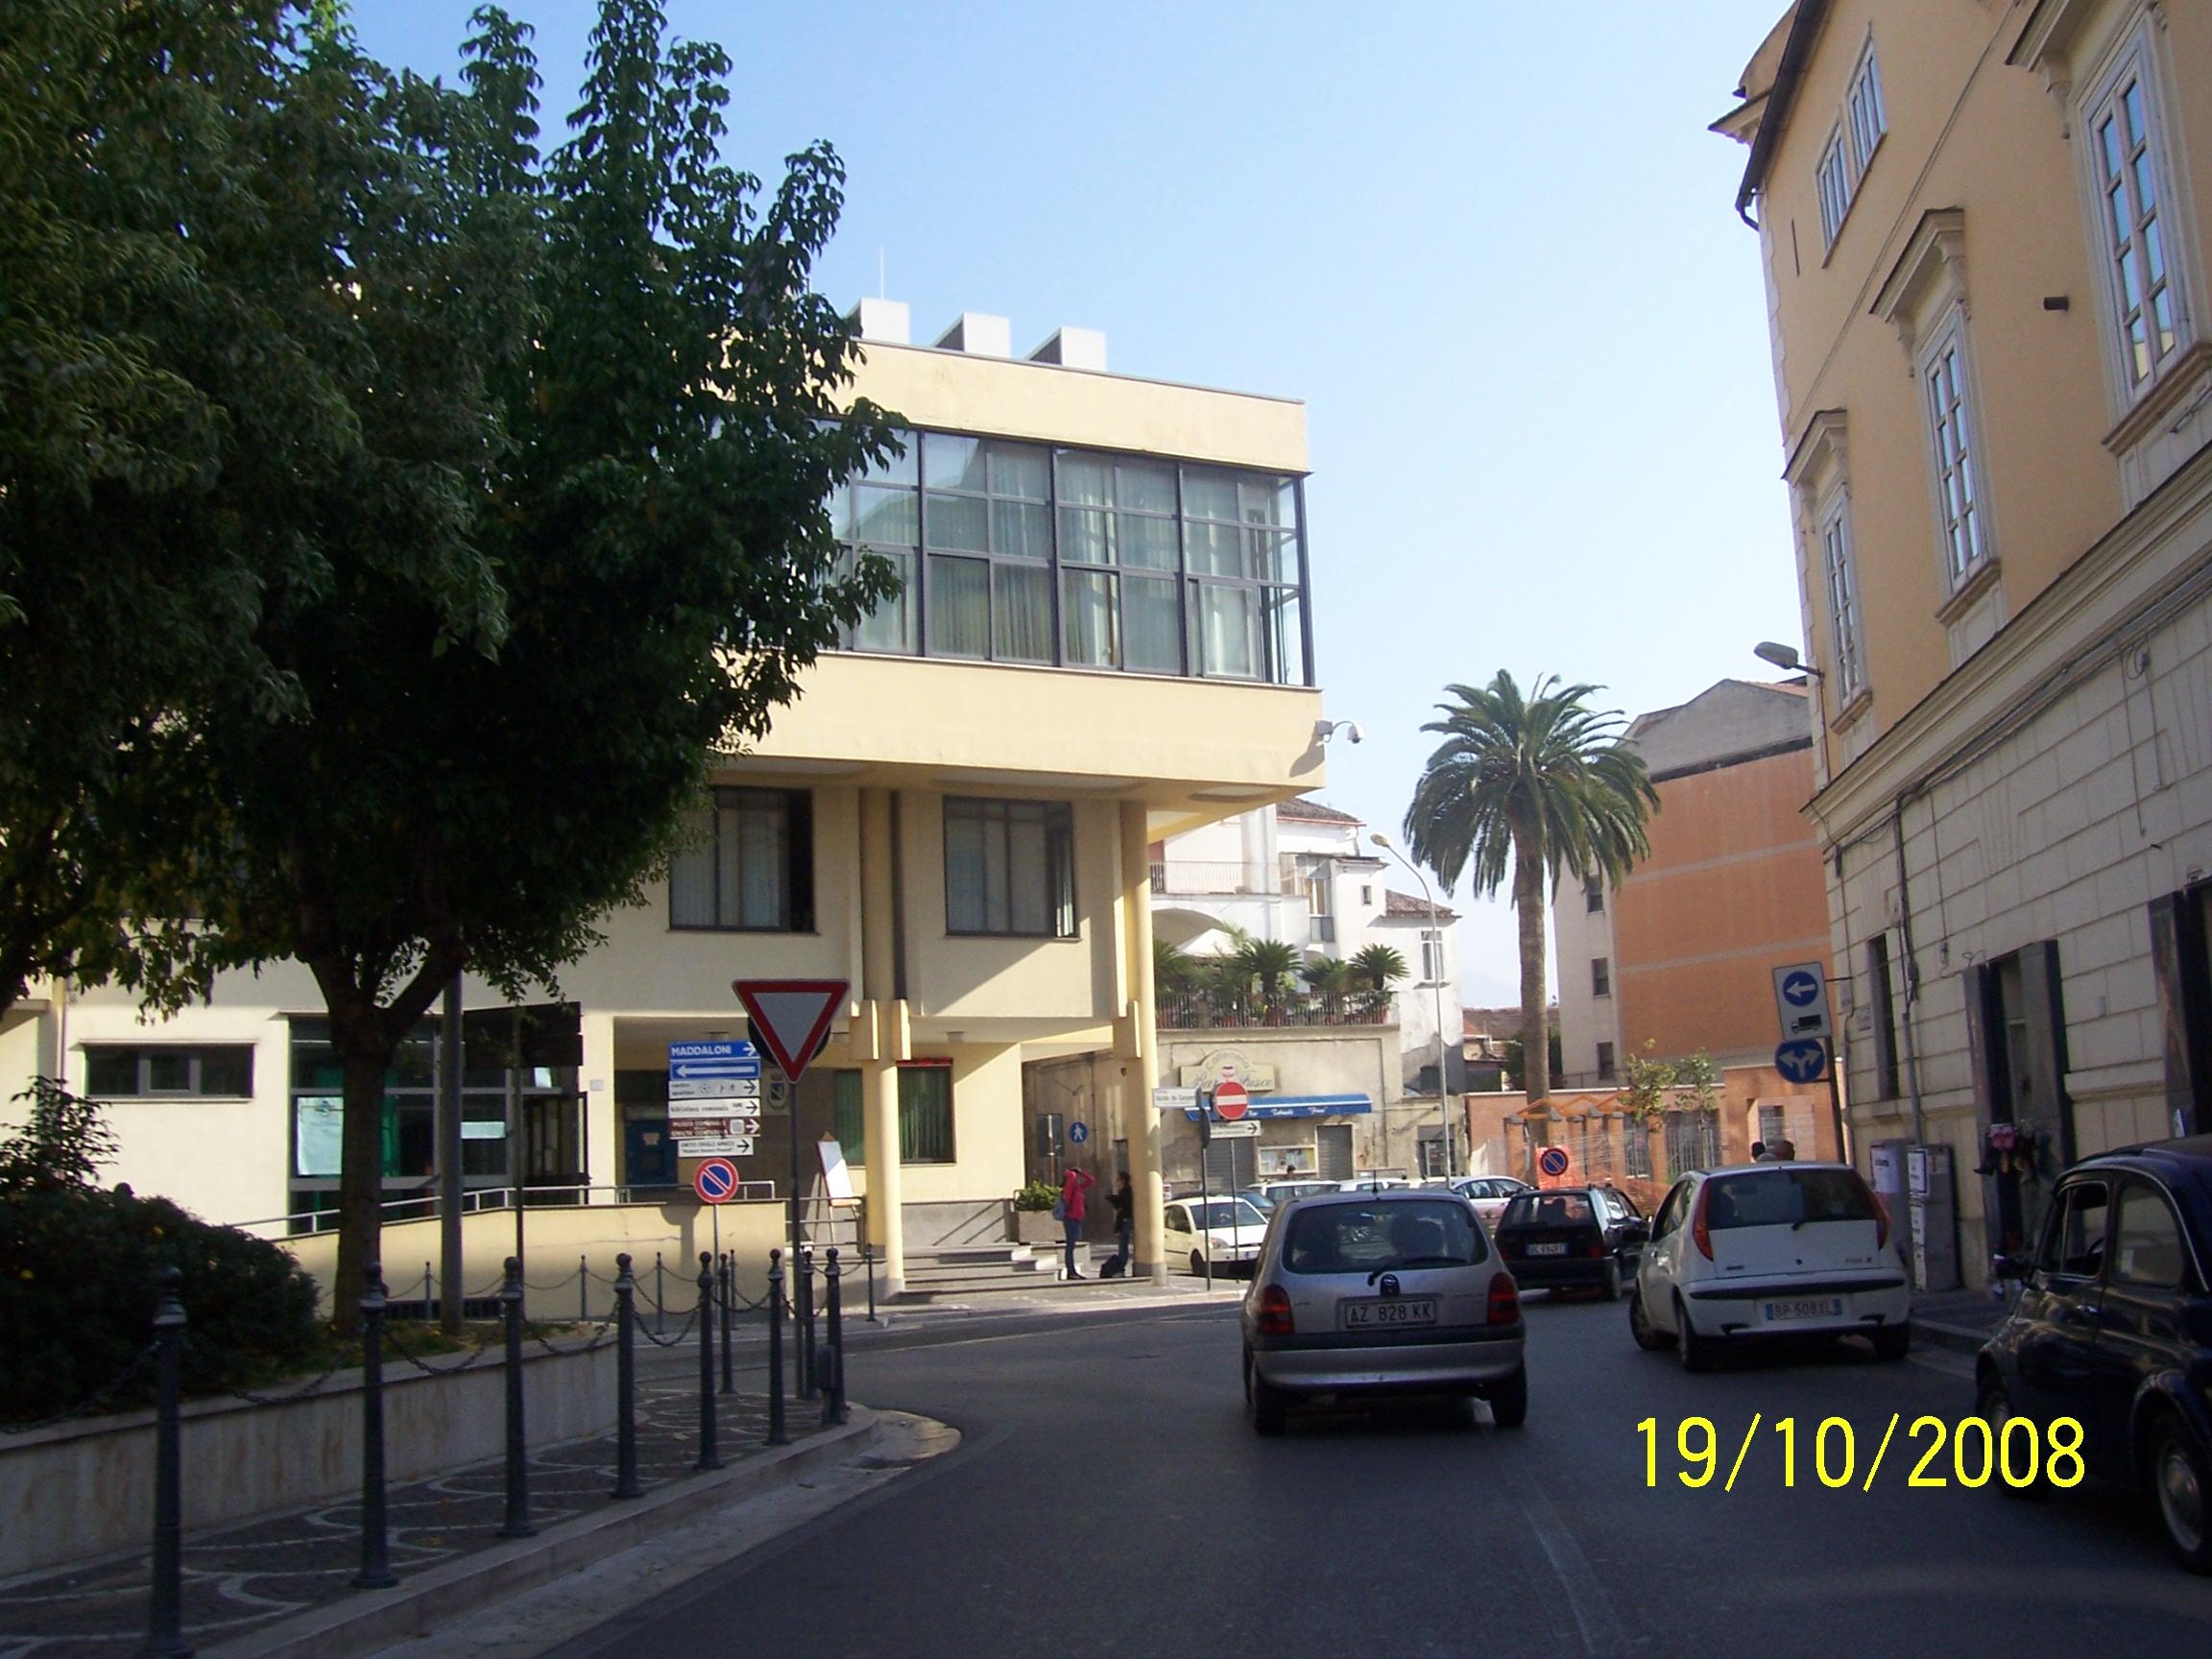 Municipio S.Nicola